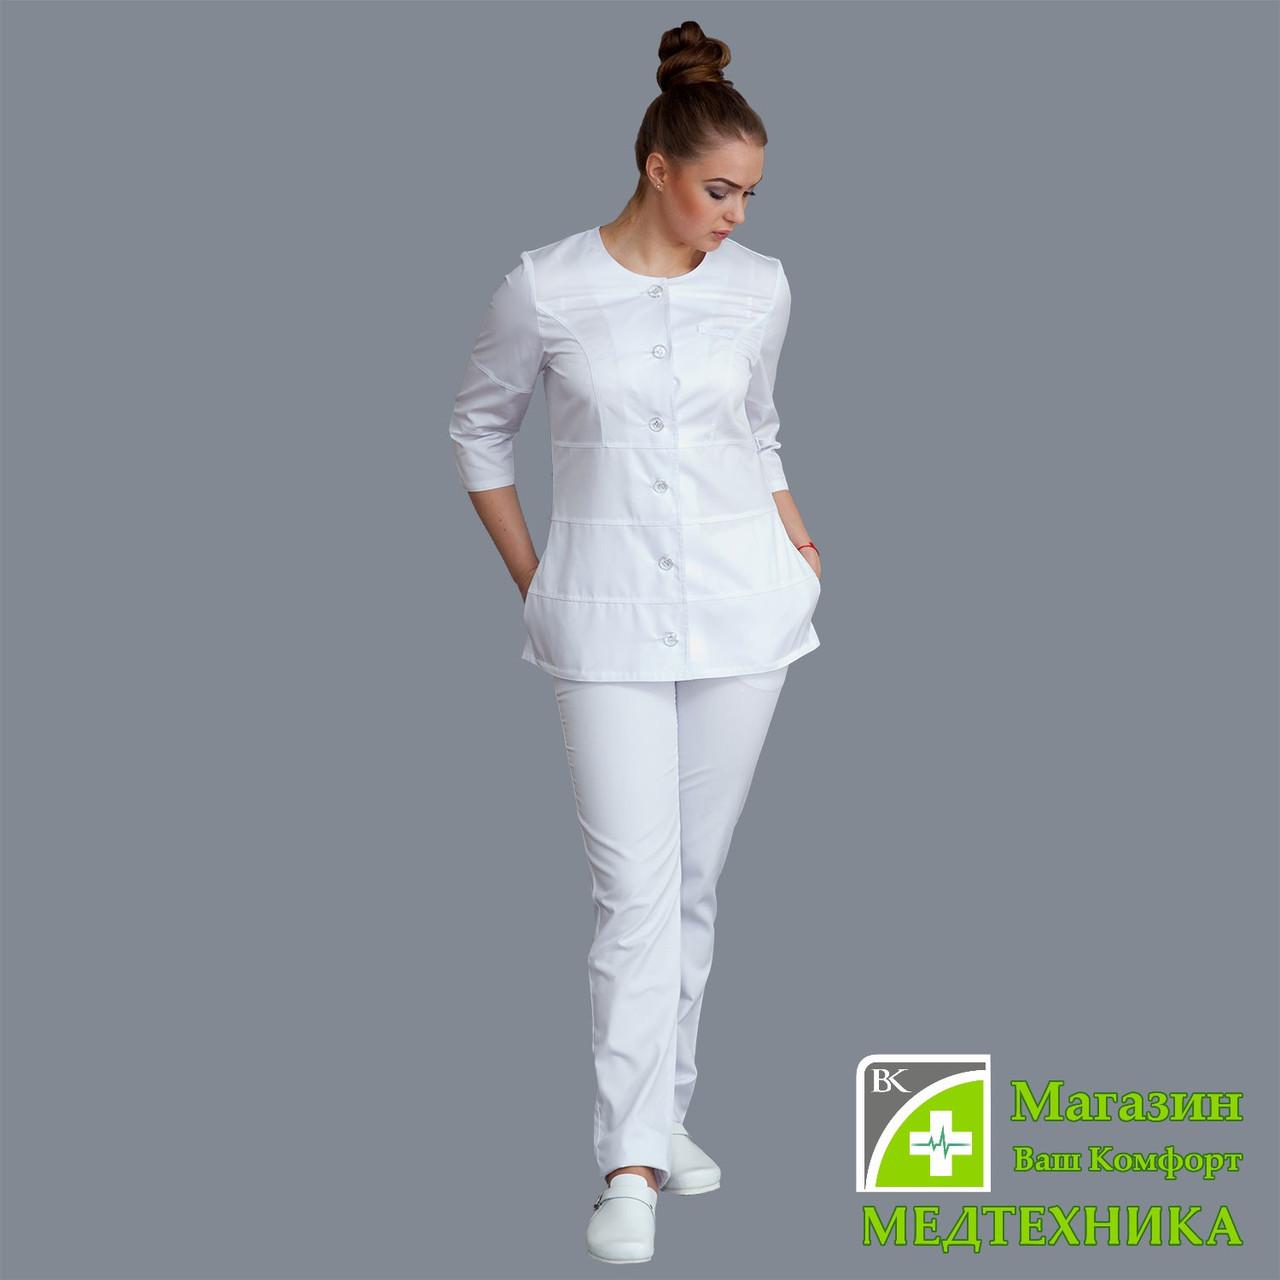 Женский медицинский халат «Мелисса»